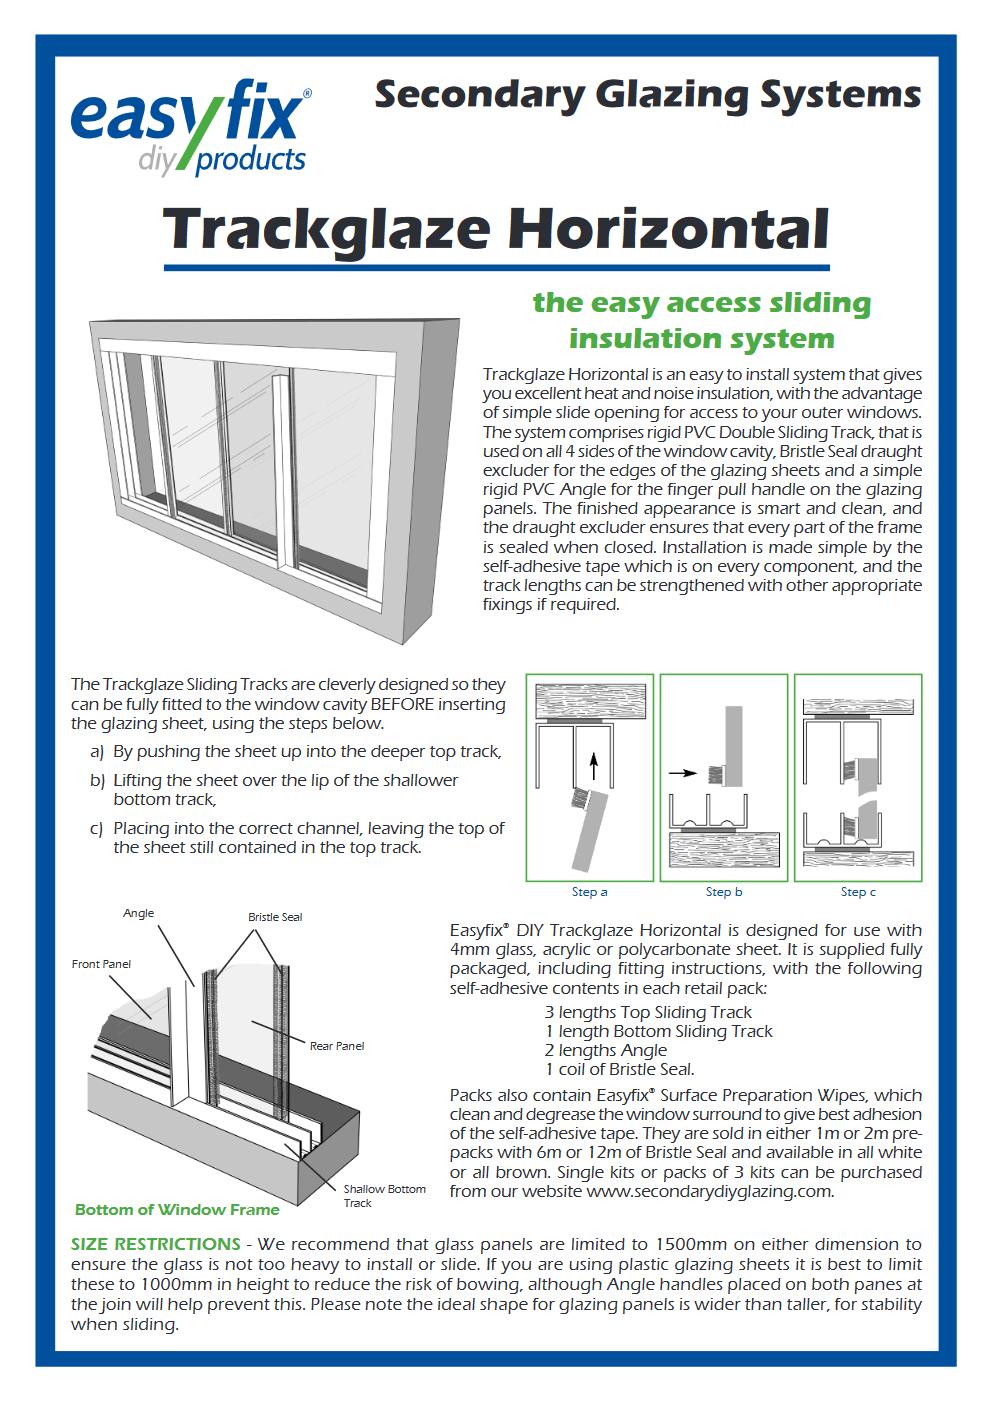 easyfix filmglaze thermal film insulation pdf